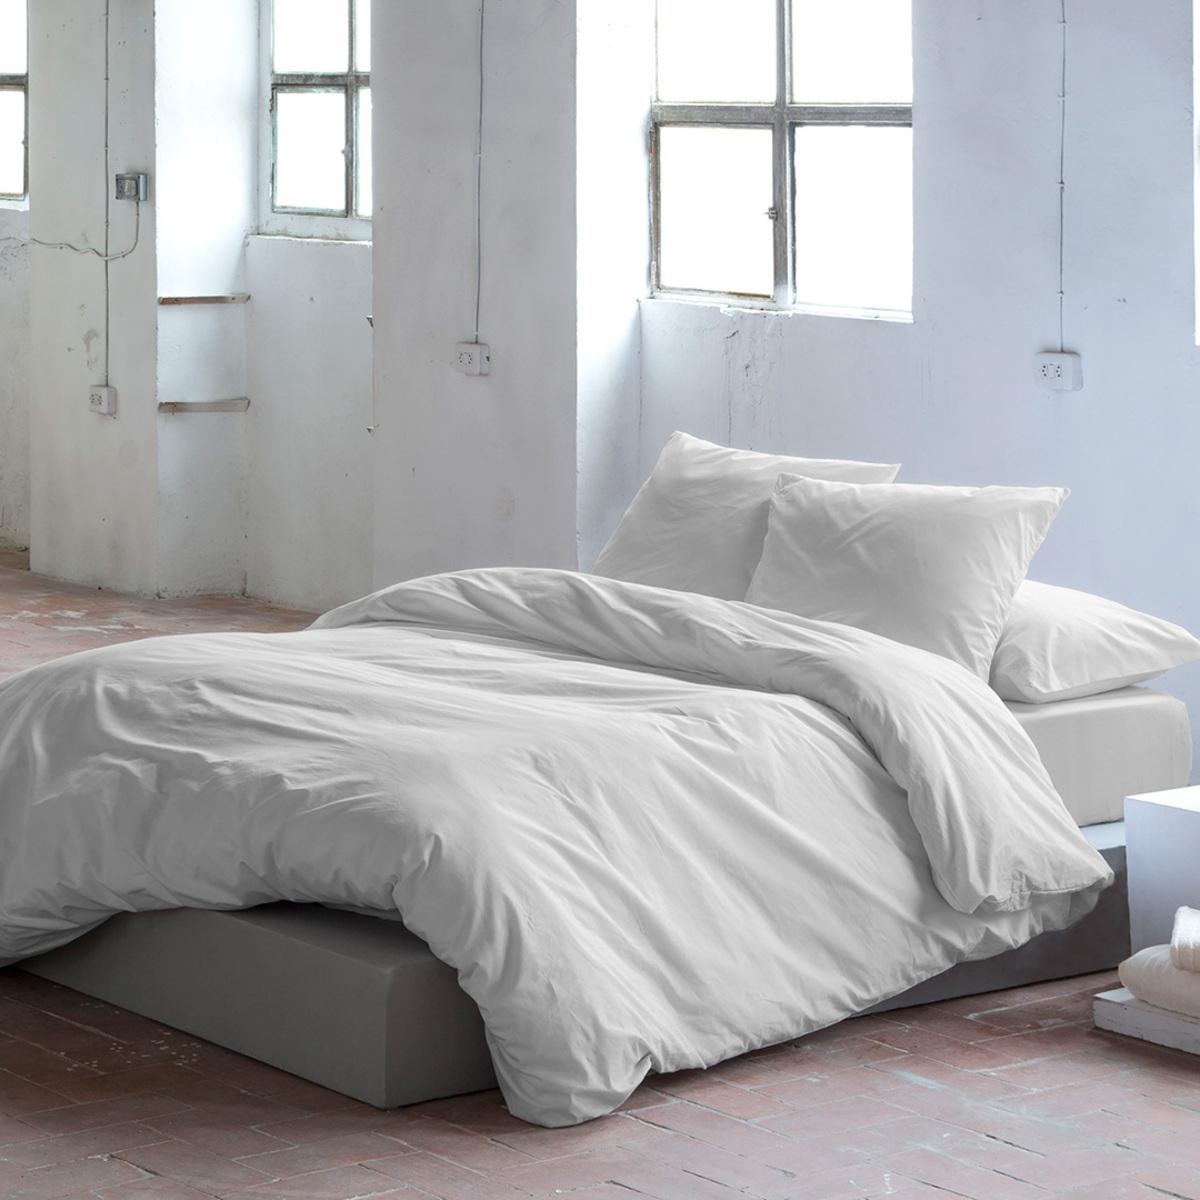 Housse de couette en coton gris 155x220 cm